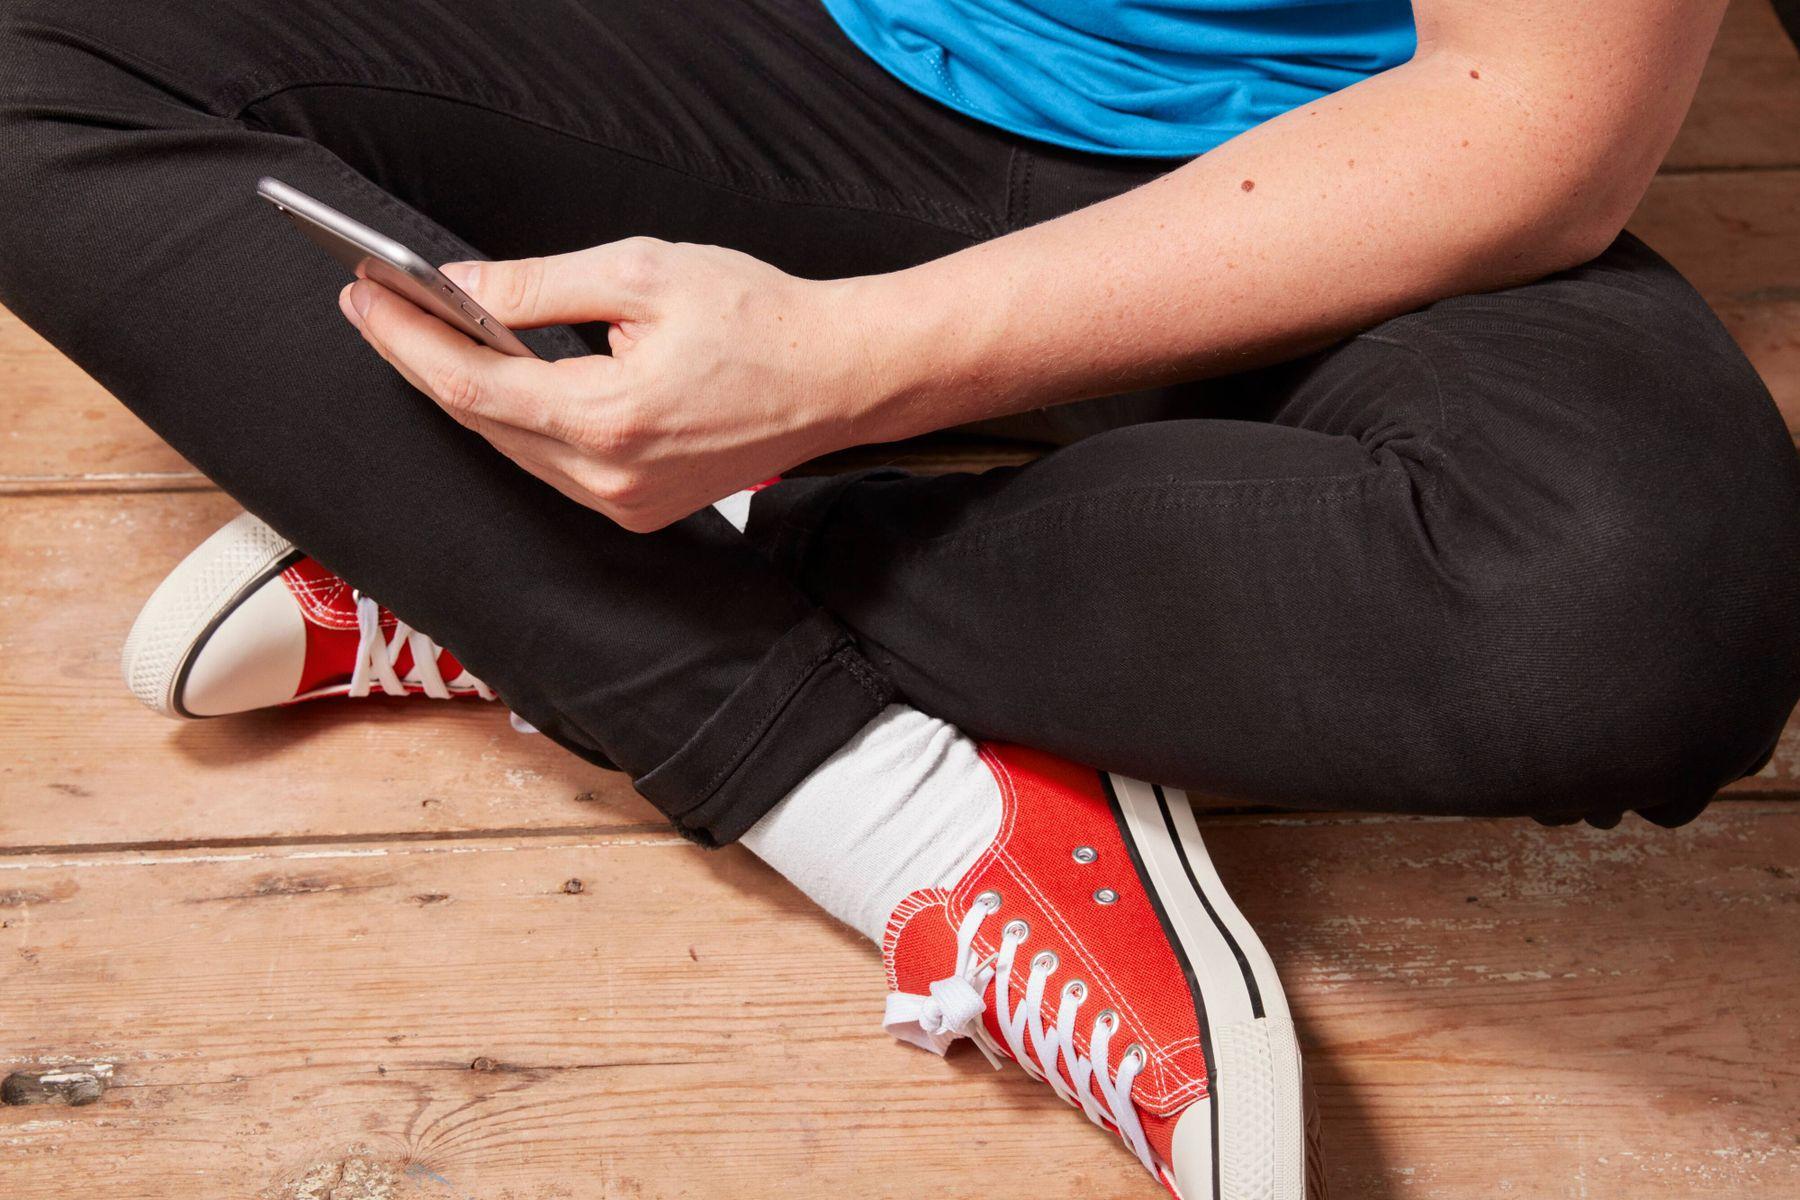 Bağdaş kurmuş, jean pantolonlu ve kırmızı ayakkabılı genç.